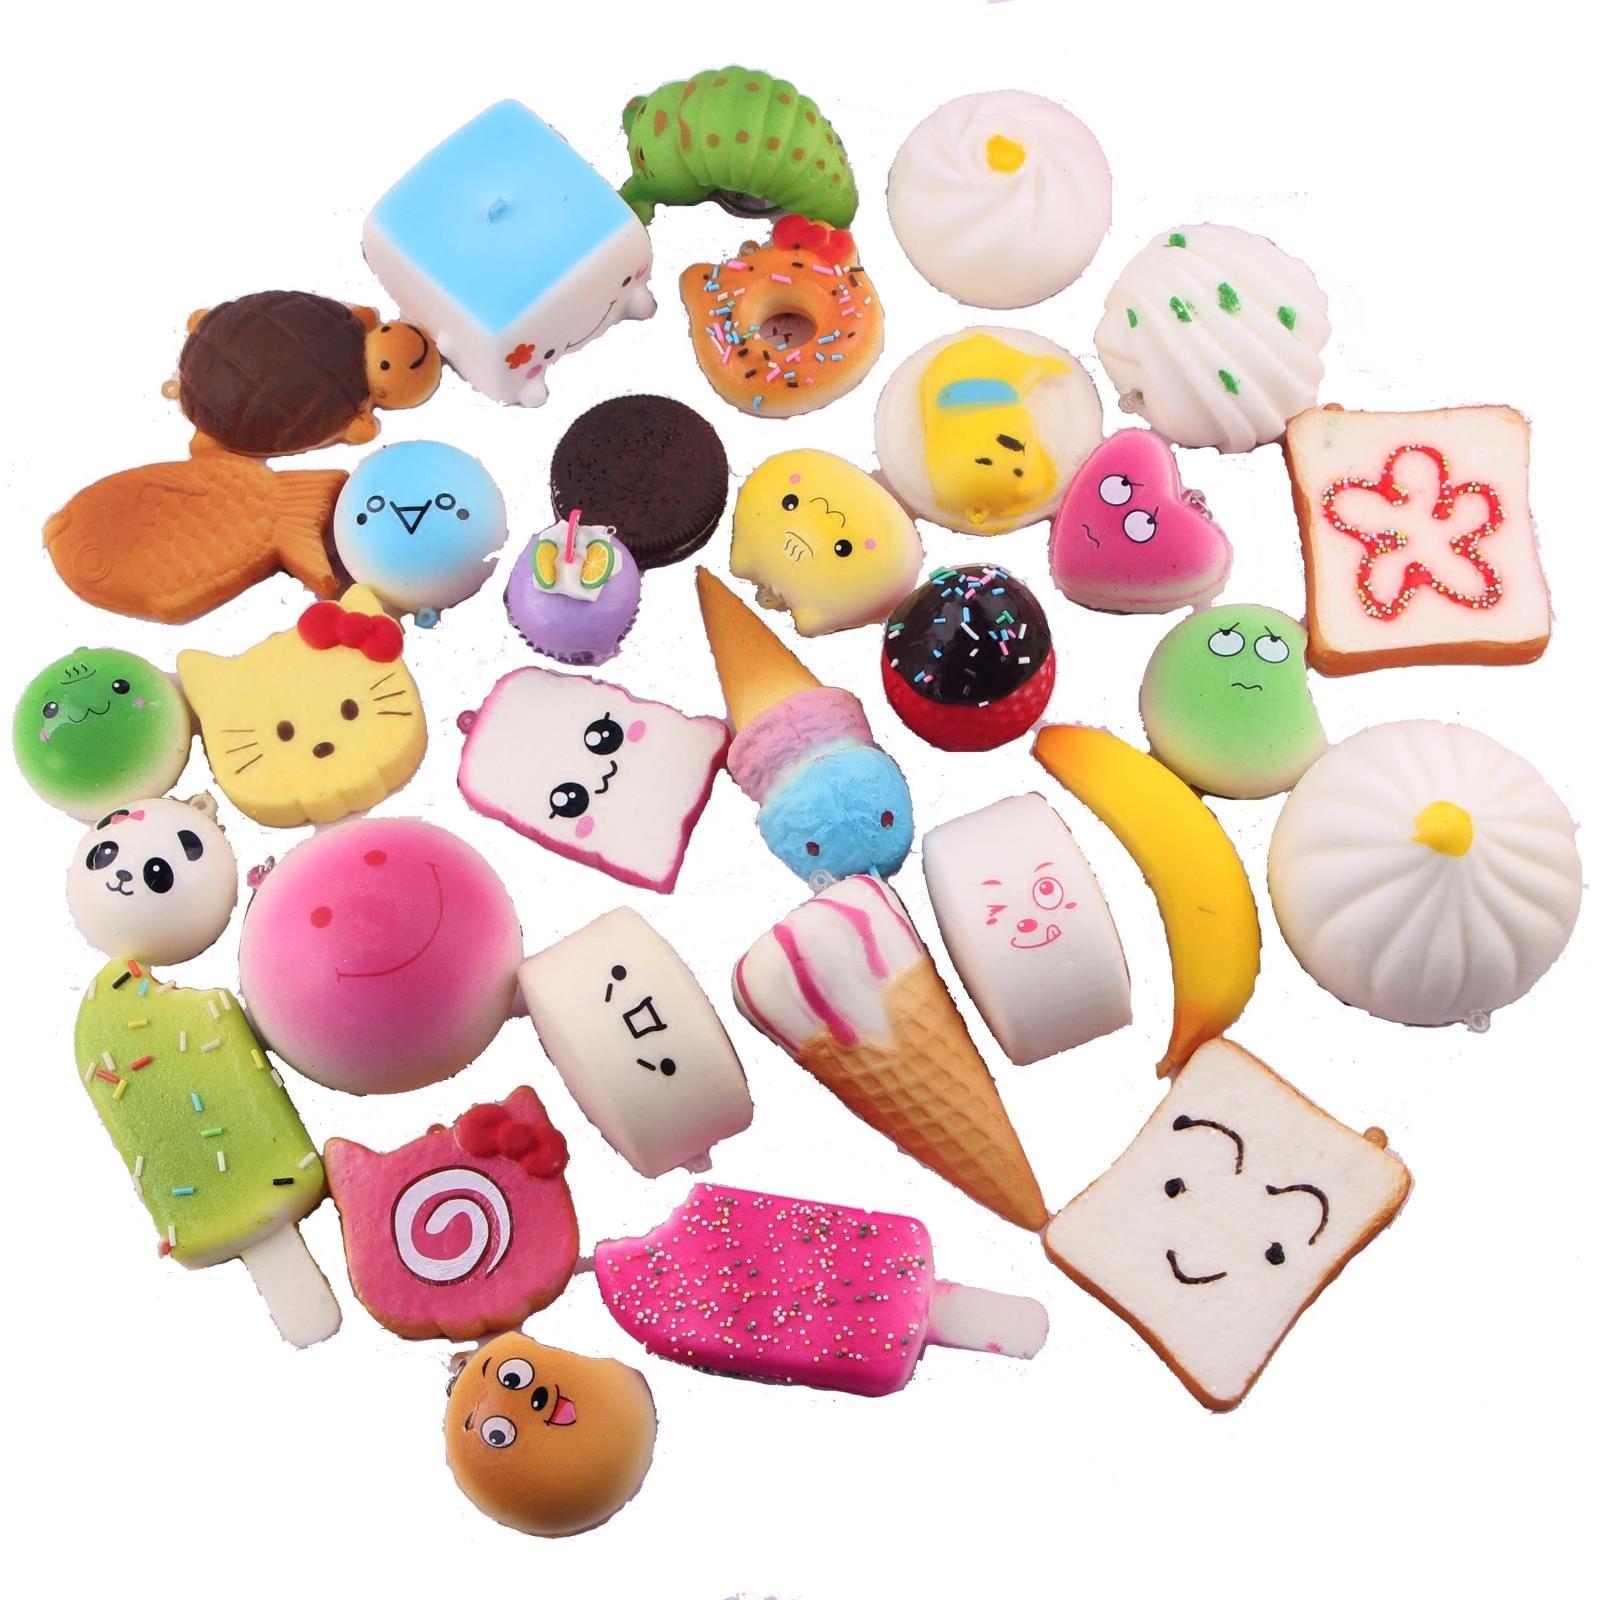 искусственные фрукты хлюпик хлеб игрушки небольшой кулон лотерейный мешок искусственная моделирование пищевой упаковке Бесплатная доставка горячий продавать взрыв модели с молочным ароматом